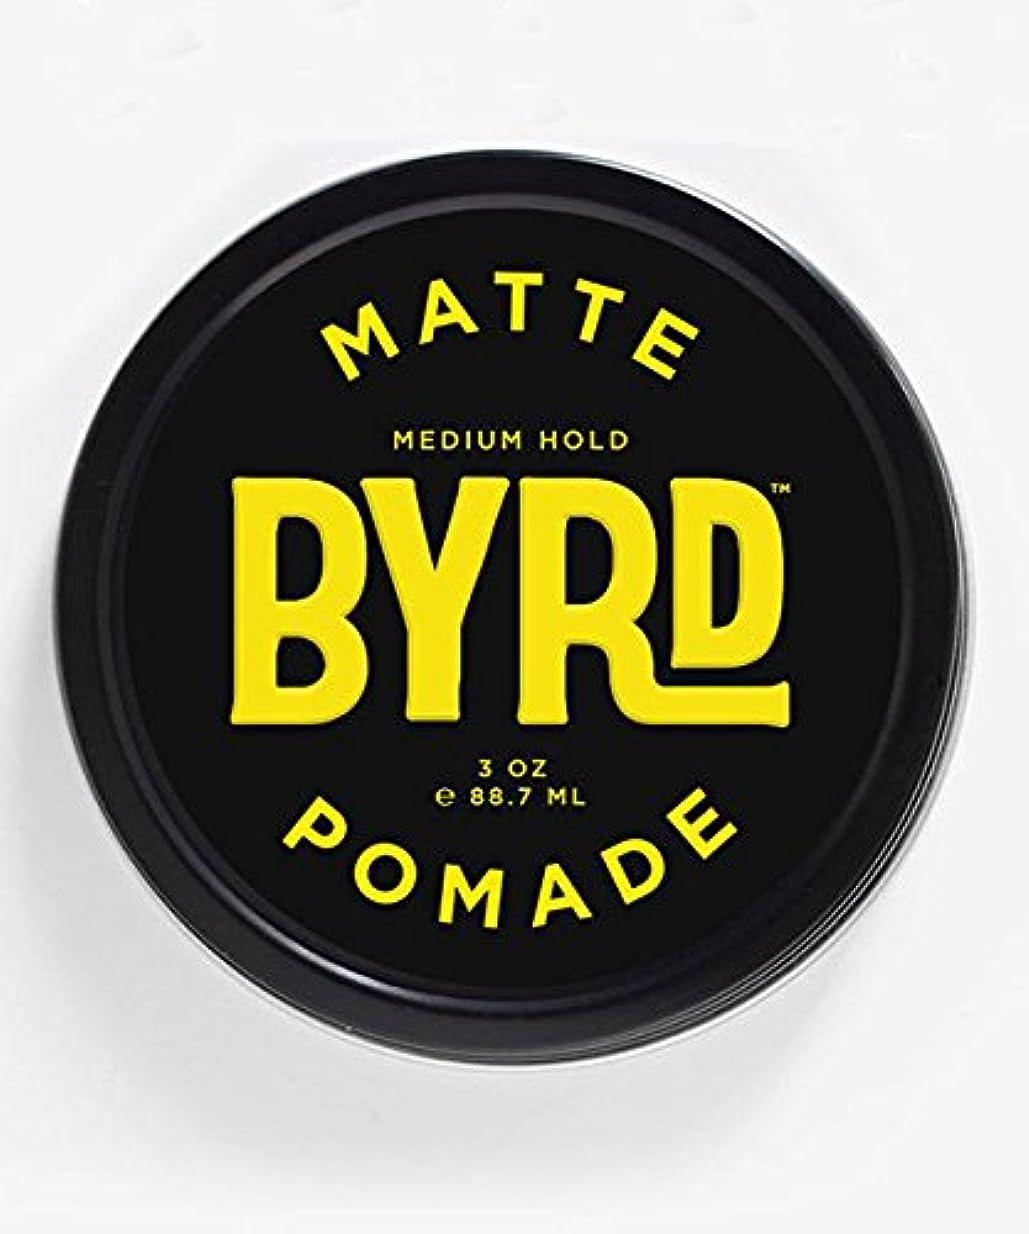 失礼な提供する札入れBYRD(バード) マットポマード 85g